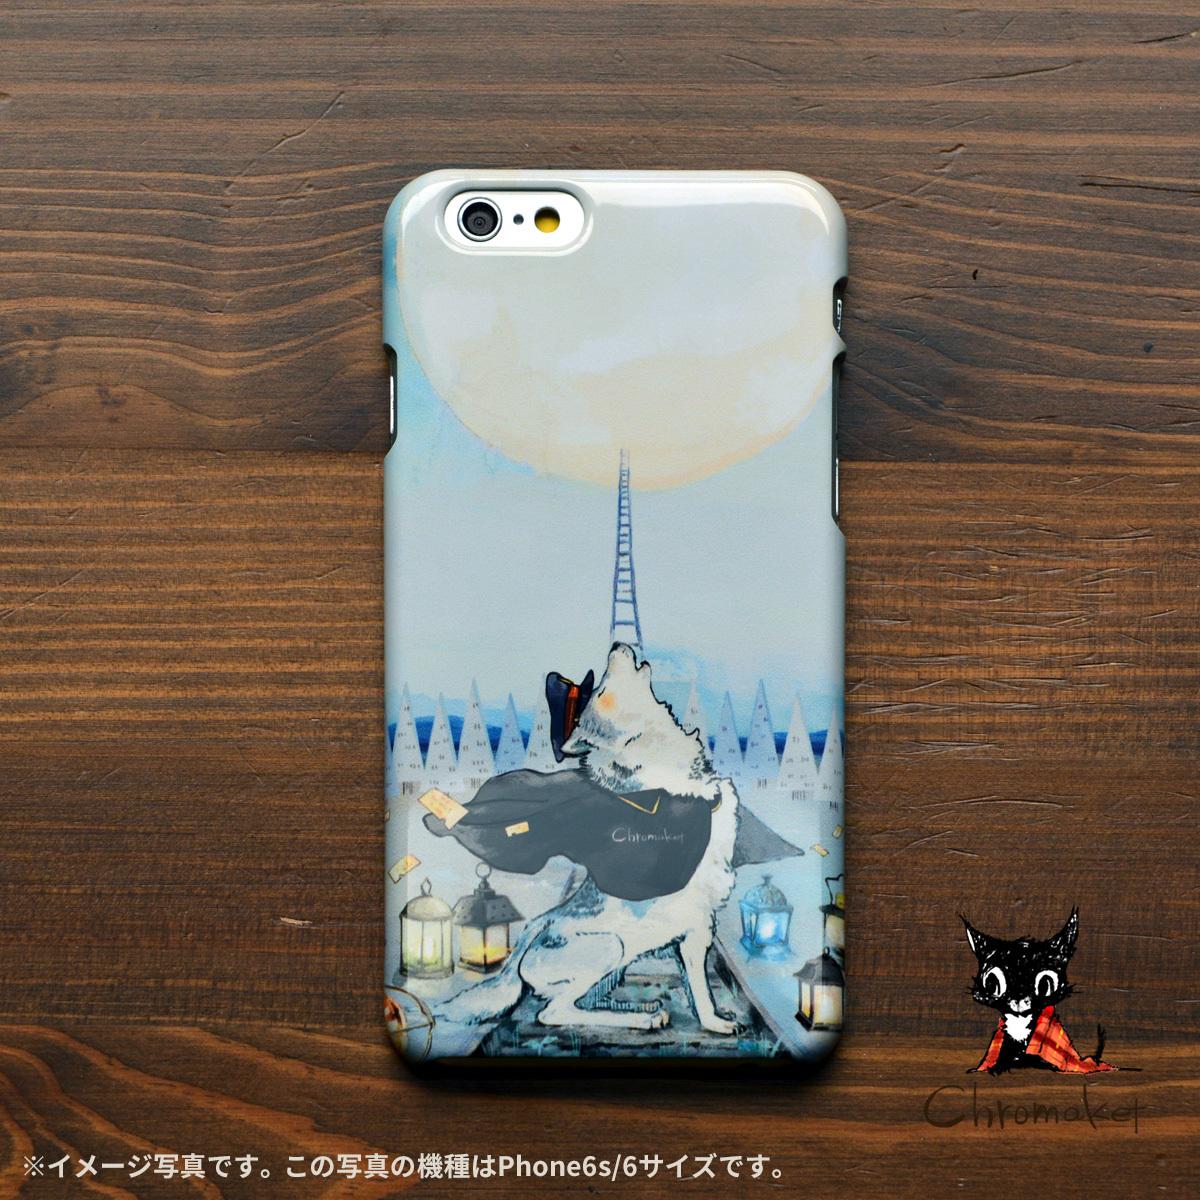 iphone8 ハードケース おしゃれ iphone8 ハードケース シンプル iphone7 ケース かわいい ハード ムーントレイン/Chromaket